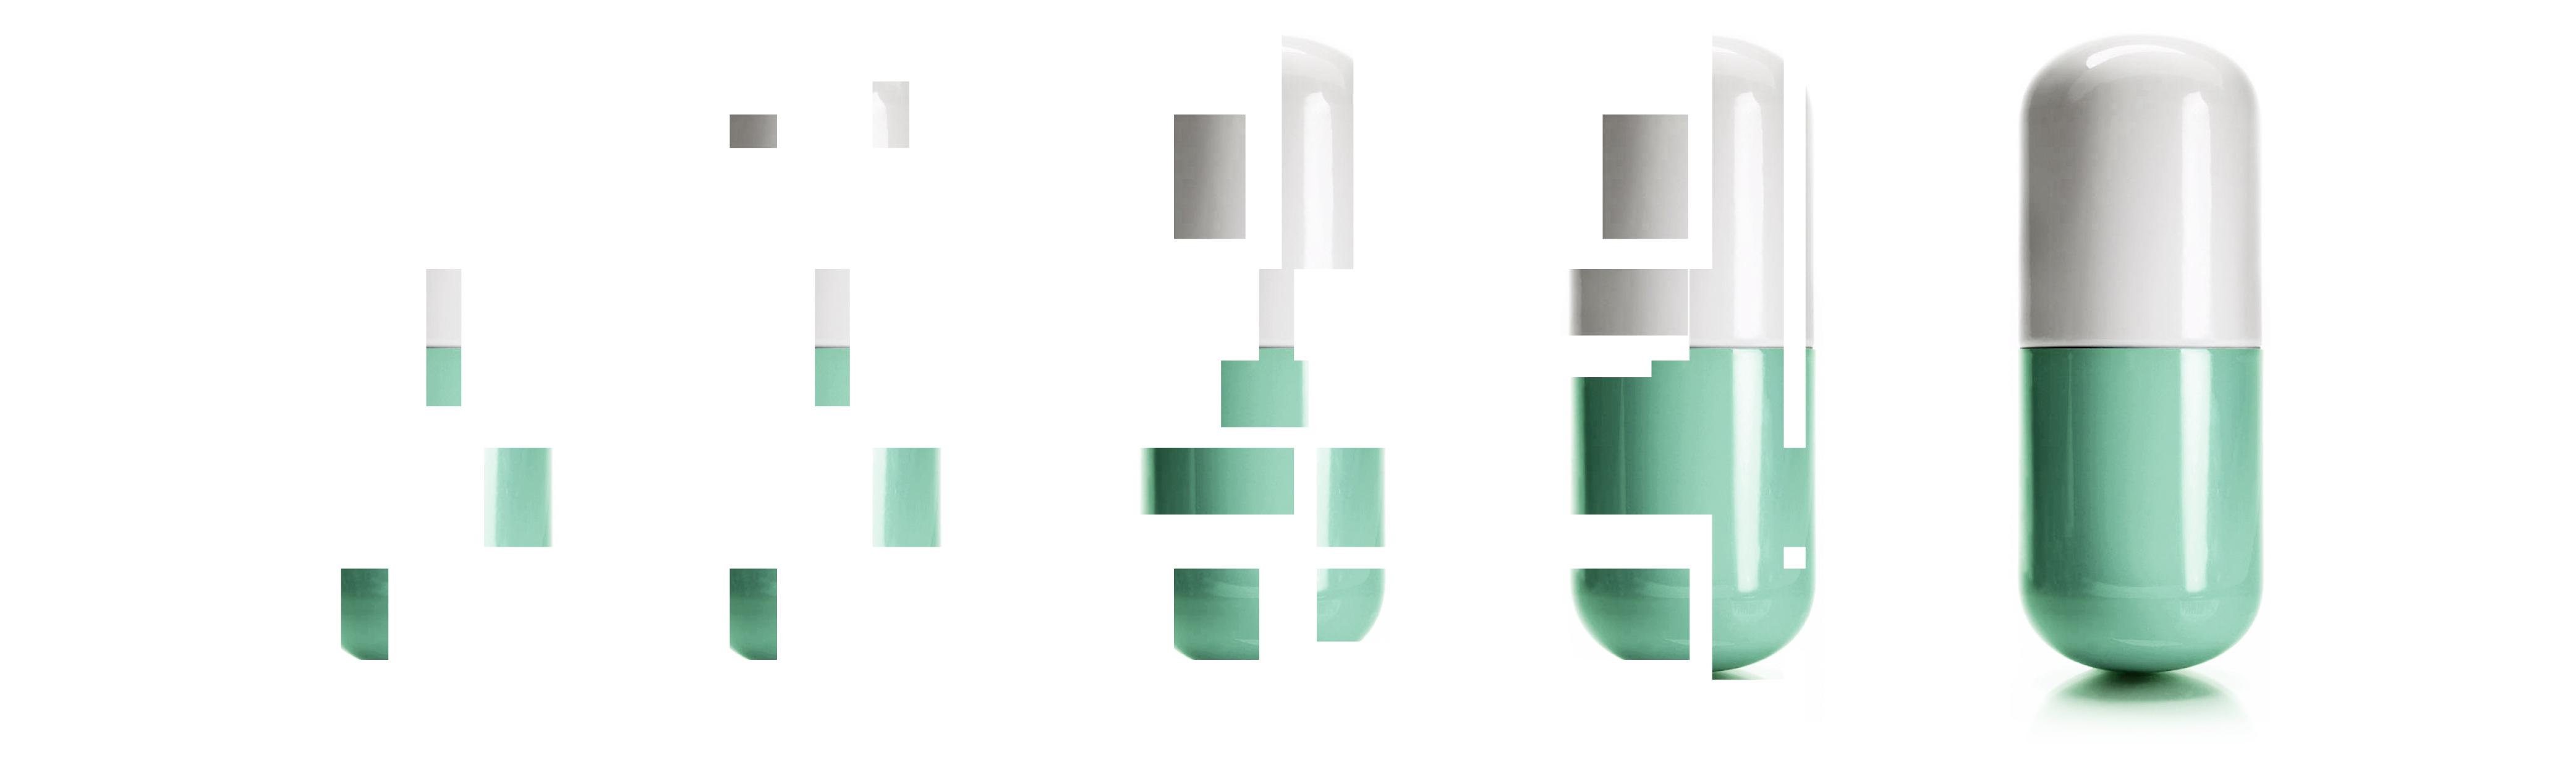 BaseLaunch Visual Green Pills